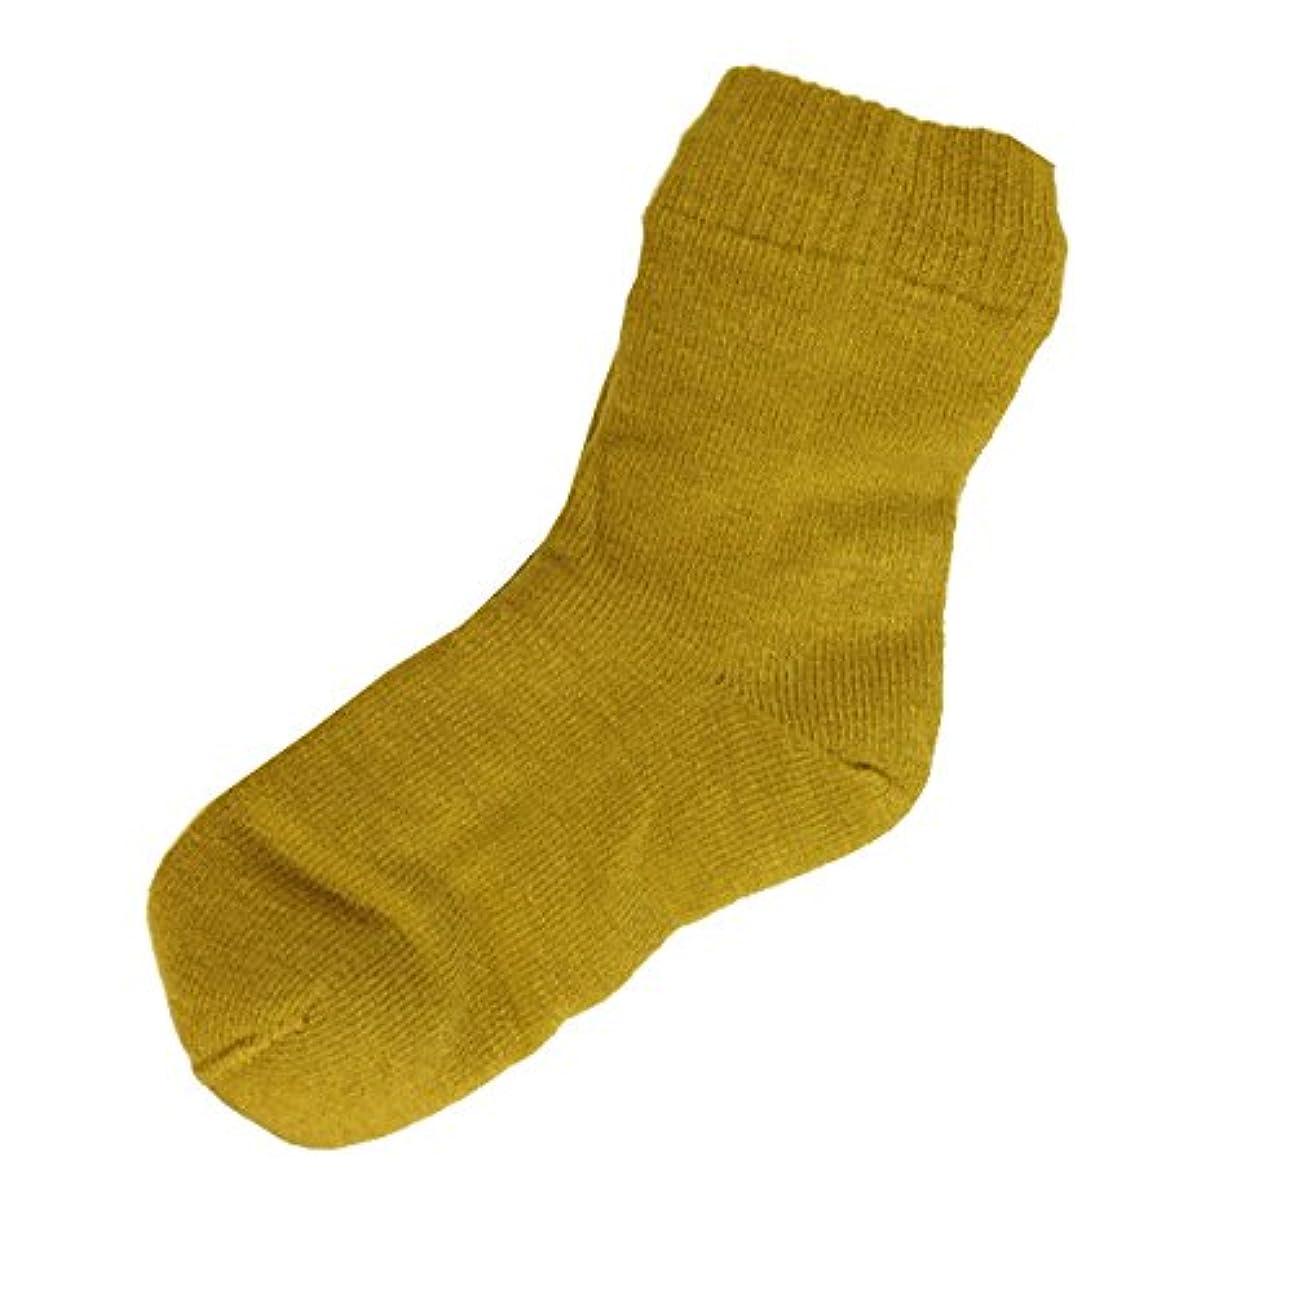 十分アンテナ誕生日女性用 カサカサかかと解消靴下 ラブヒール カラシ 【遠赤外線パワー&温熱?保湿効果】